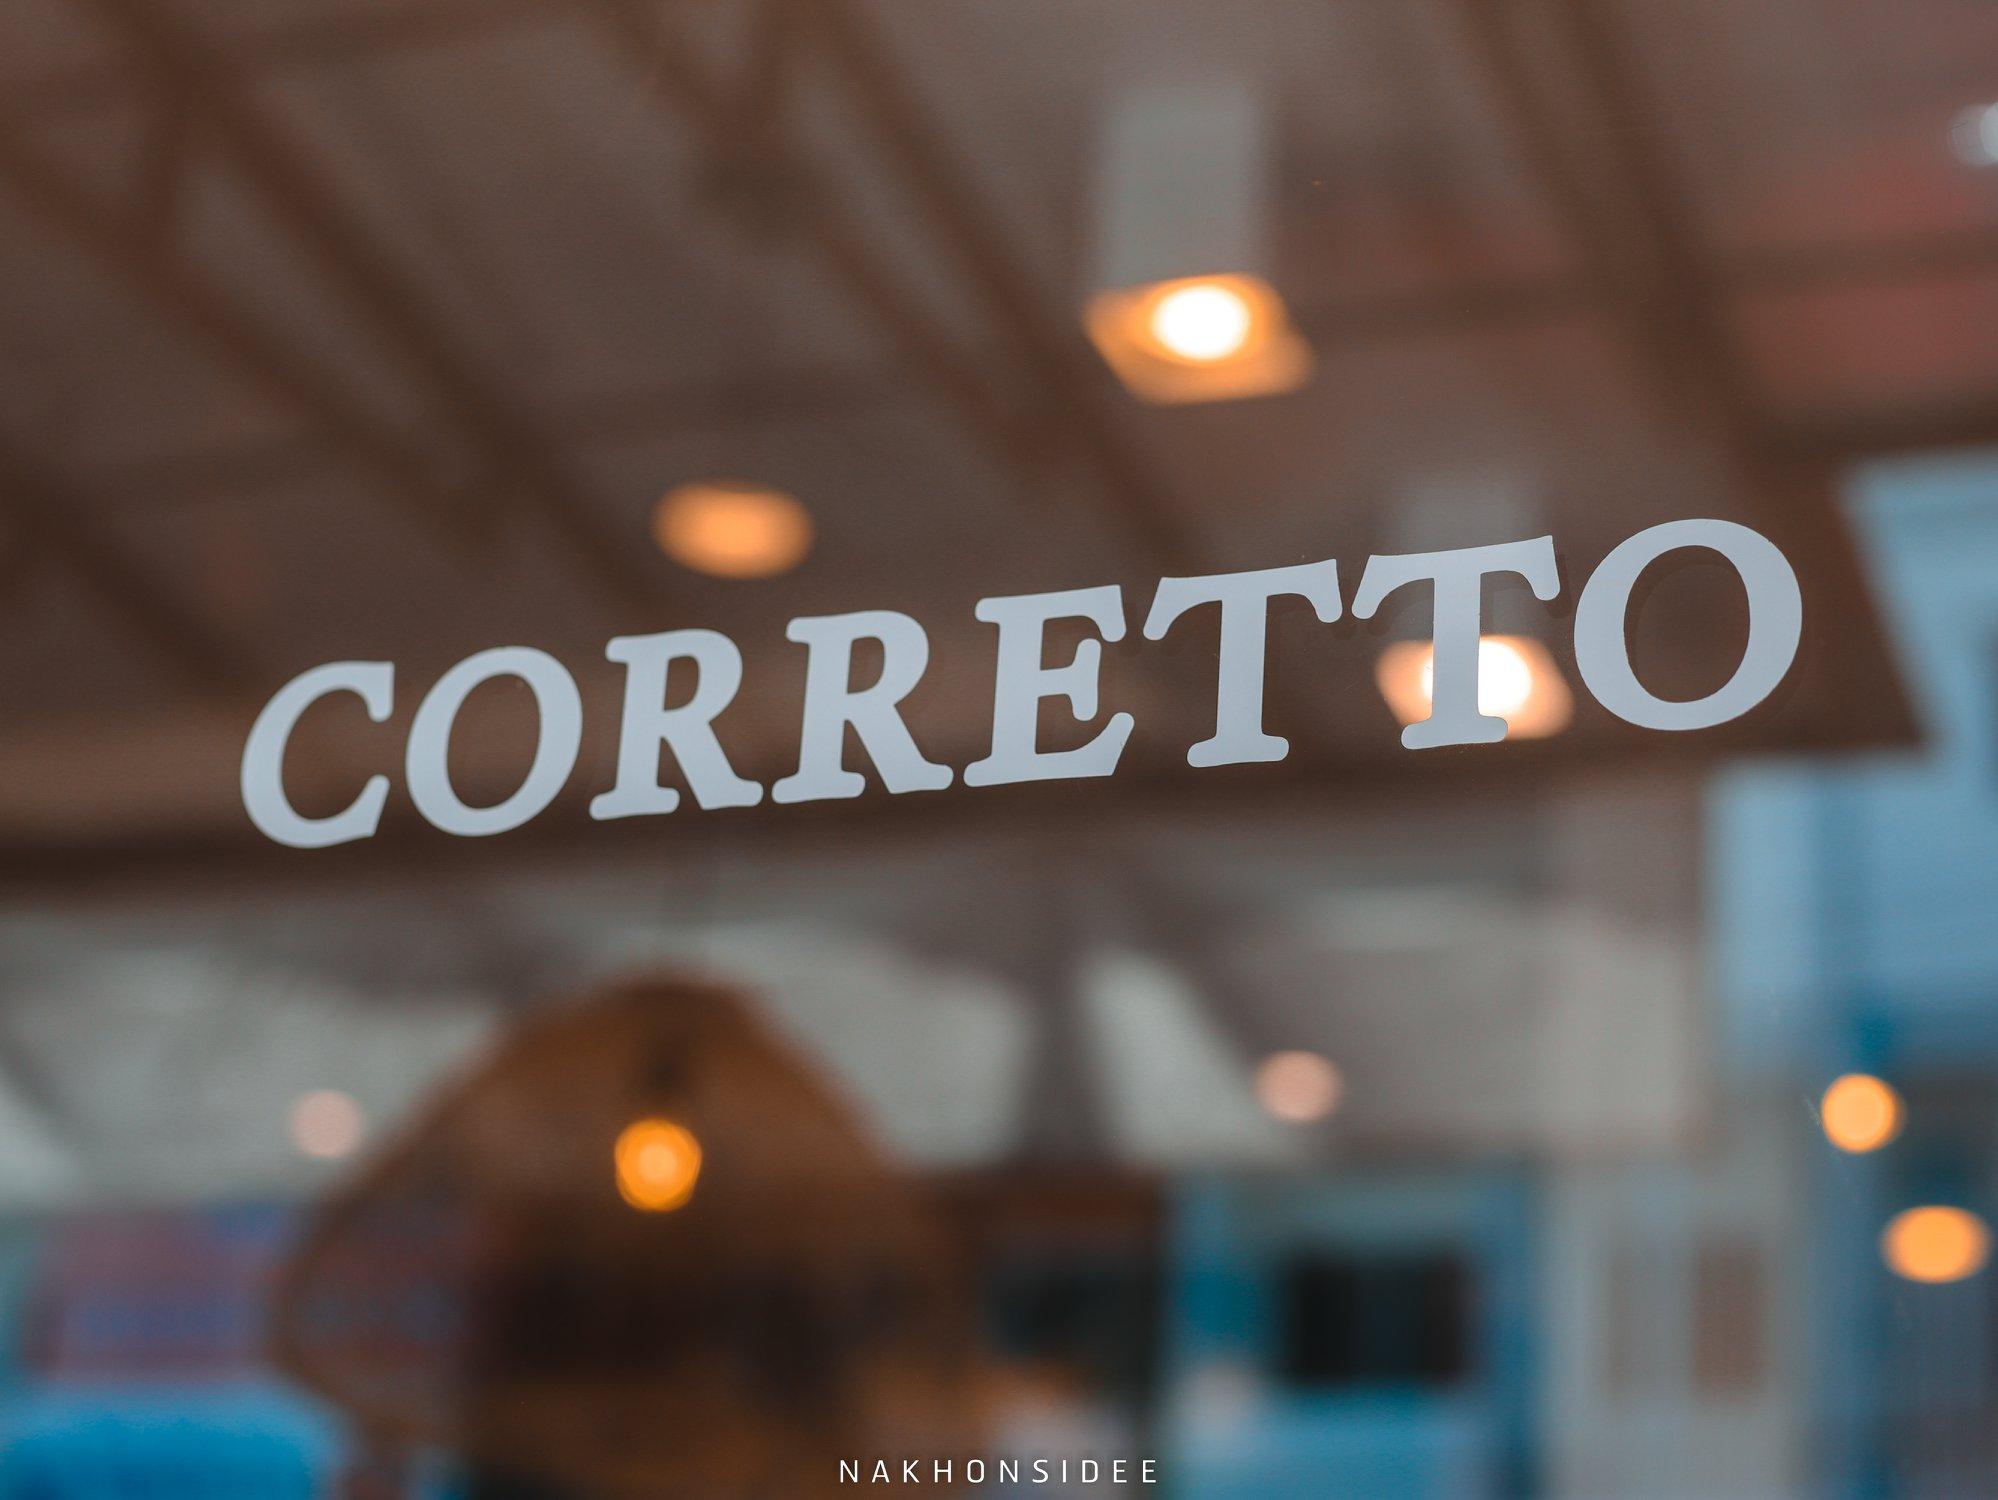 คอเร็ทโต้,Corretto,ร้านกาแฟ,คาเฟ่,ใจกลางเมือง,อร่อย,ช็อกโกแลต,มัจฉะ,ชาเขียว